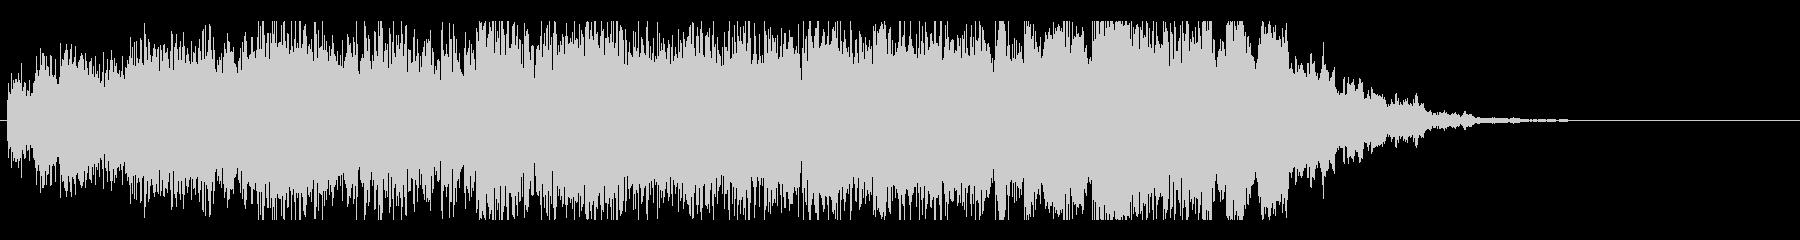 ジングル(パラダイス的な電子音楽)の未再生の波形